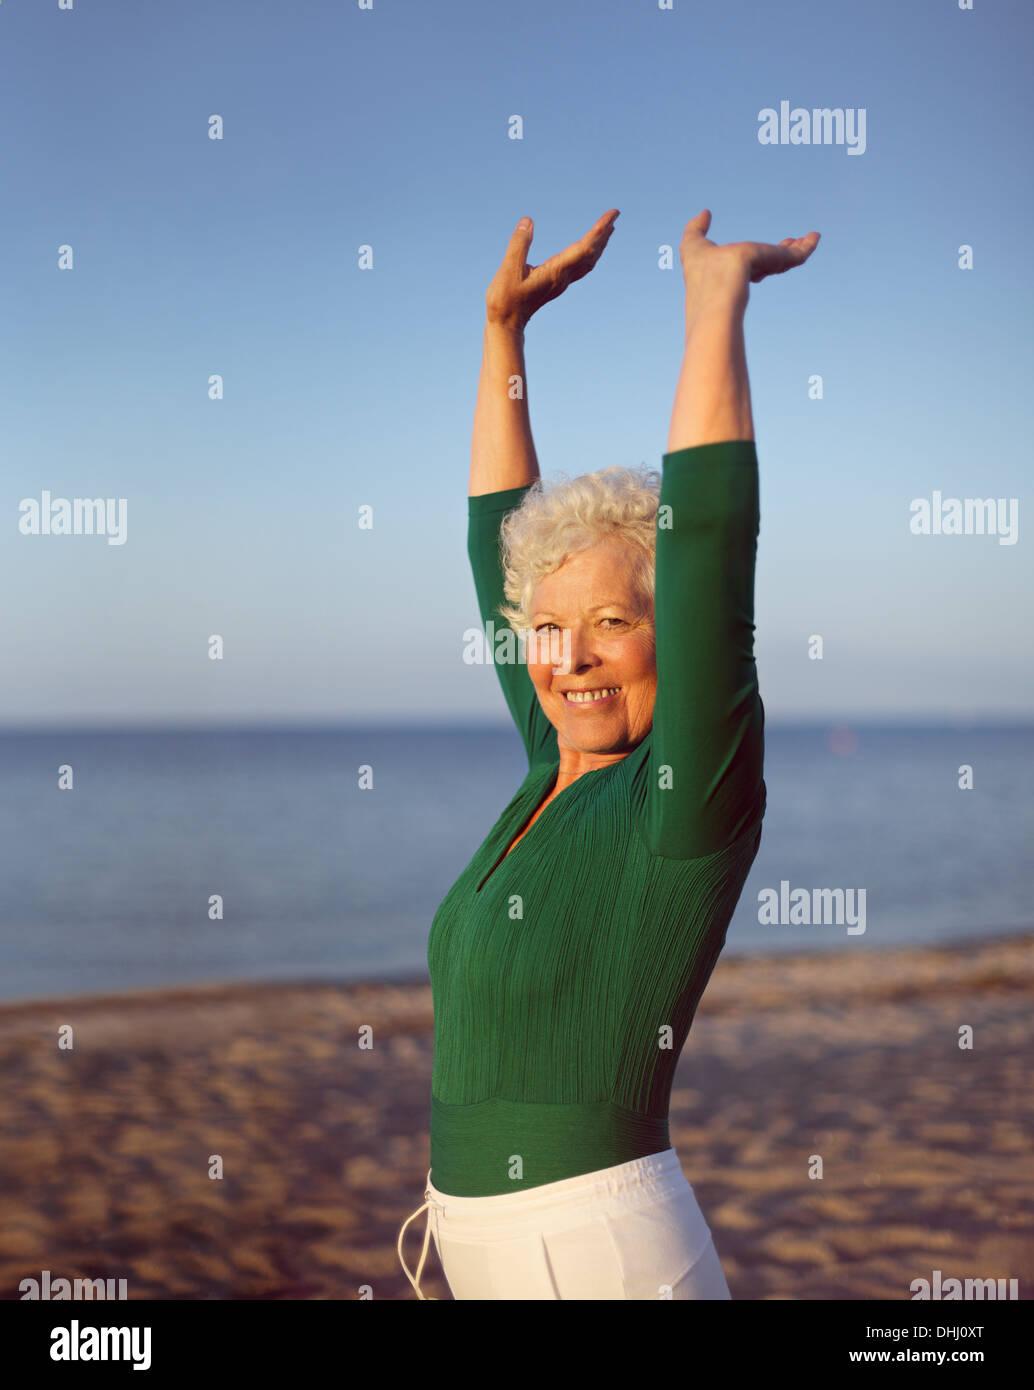 Portrait of healthy senior woman practicing yoga on beach with copyspace. Femme de race blanche de l'exercice en plein air pour rester en forme. Photo Stock